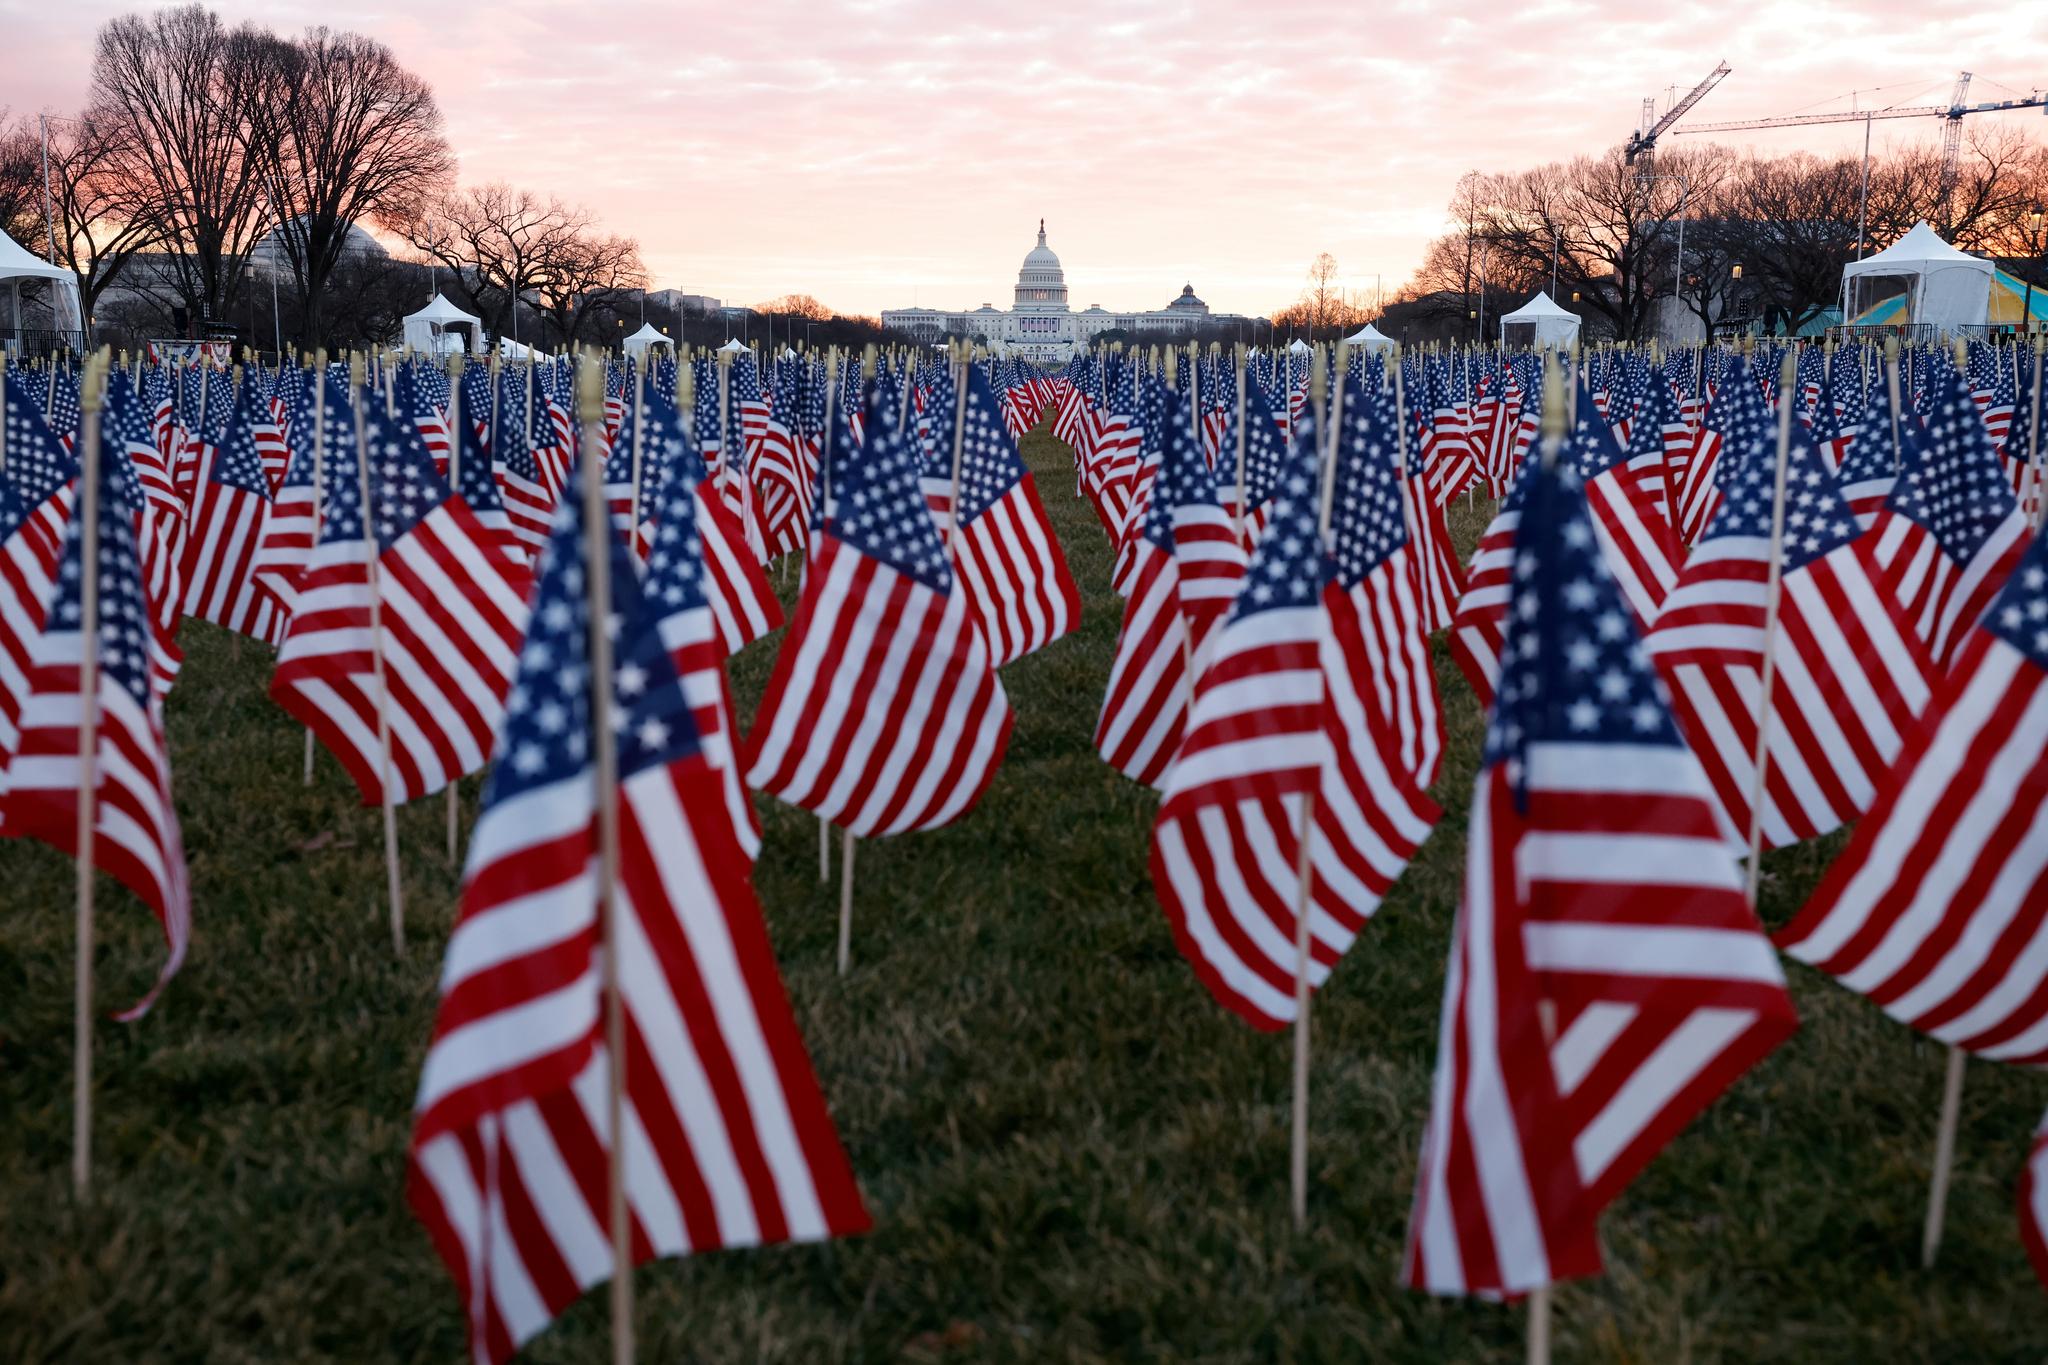 미국 국기가 대통령 취임식장 앞 내서널 몰을 가득 채우고 있다. 로이터=연합뉴스